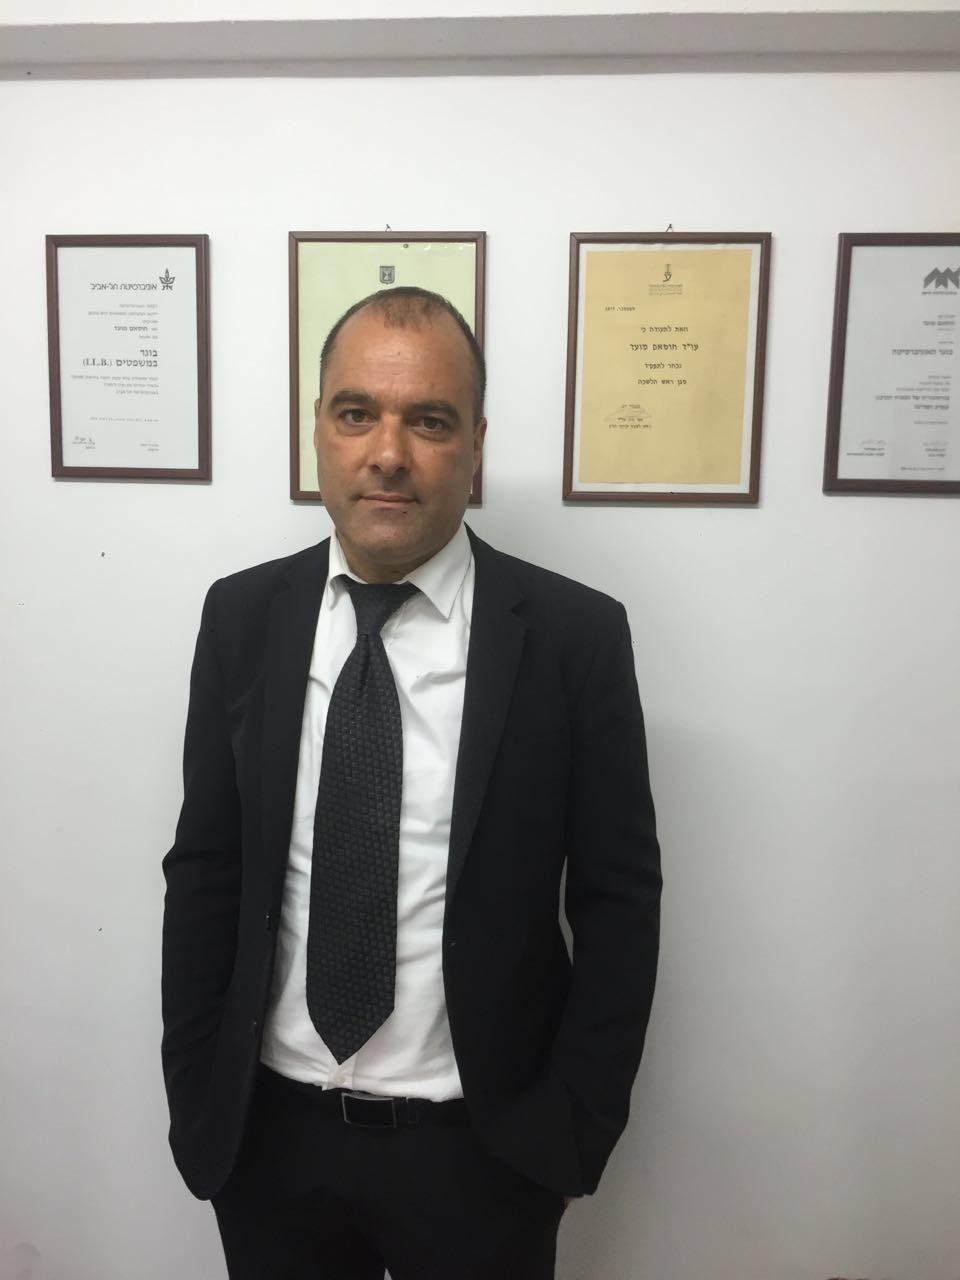 المحامي حسام موعد: يحق للمواطنين الحصول على تعويضات